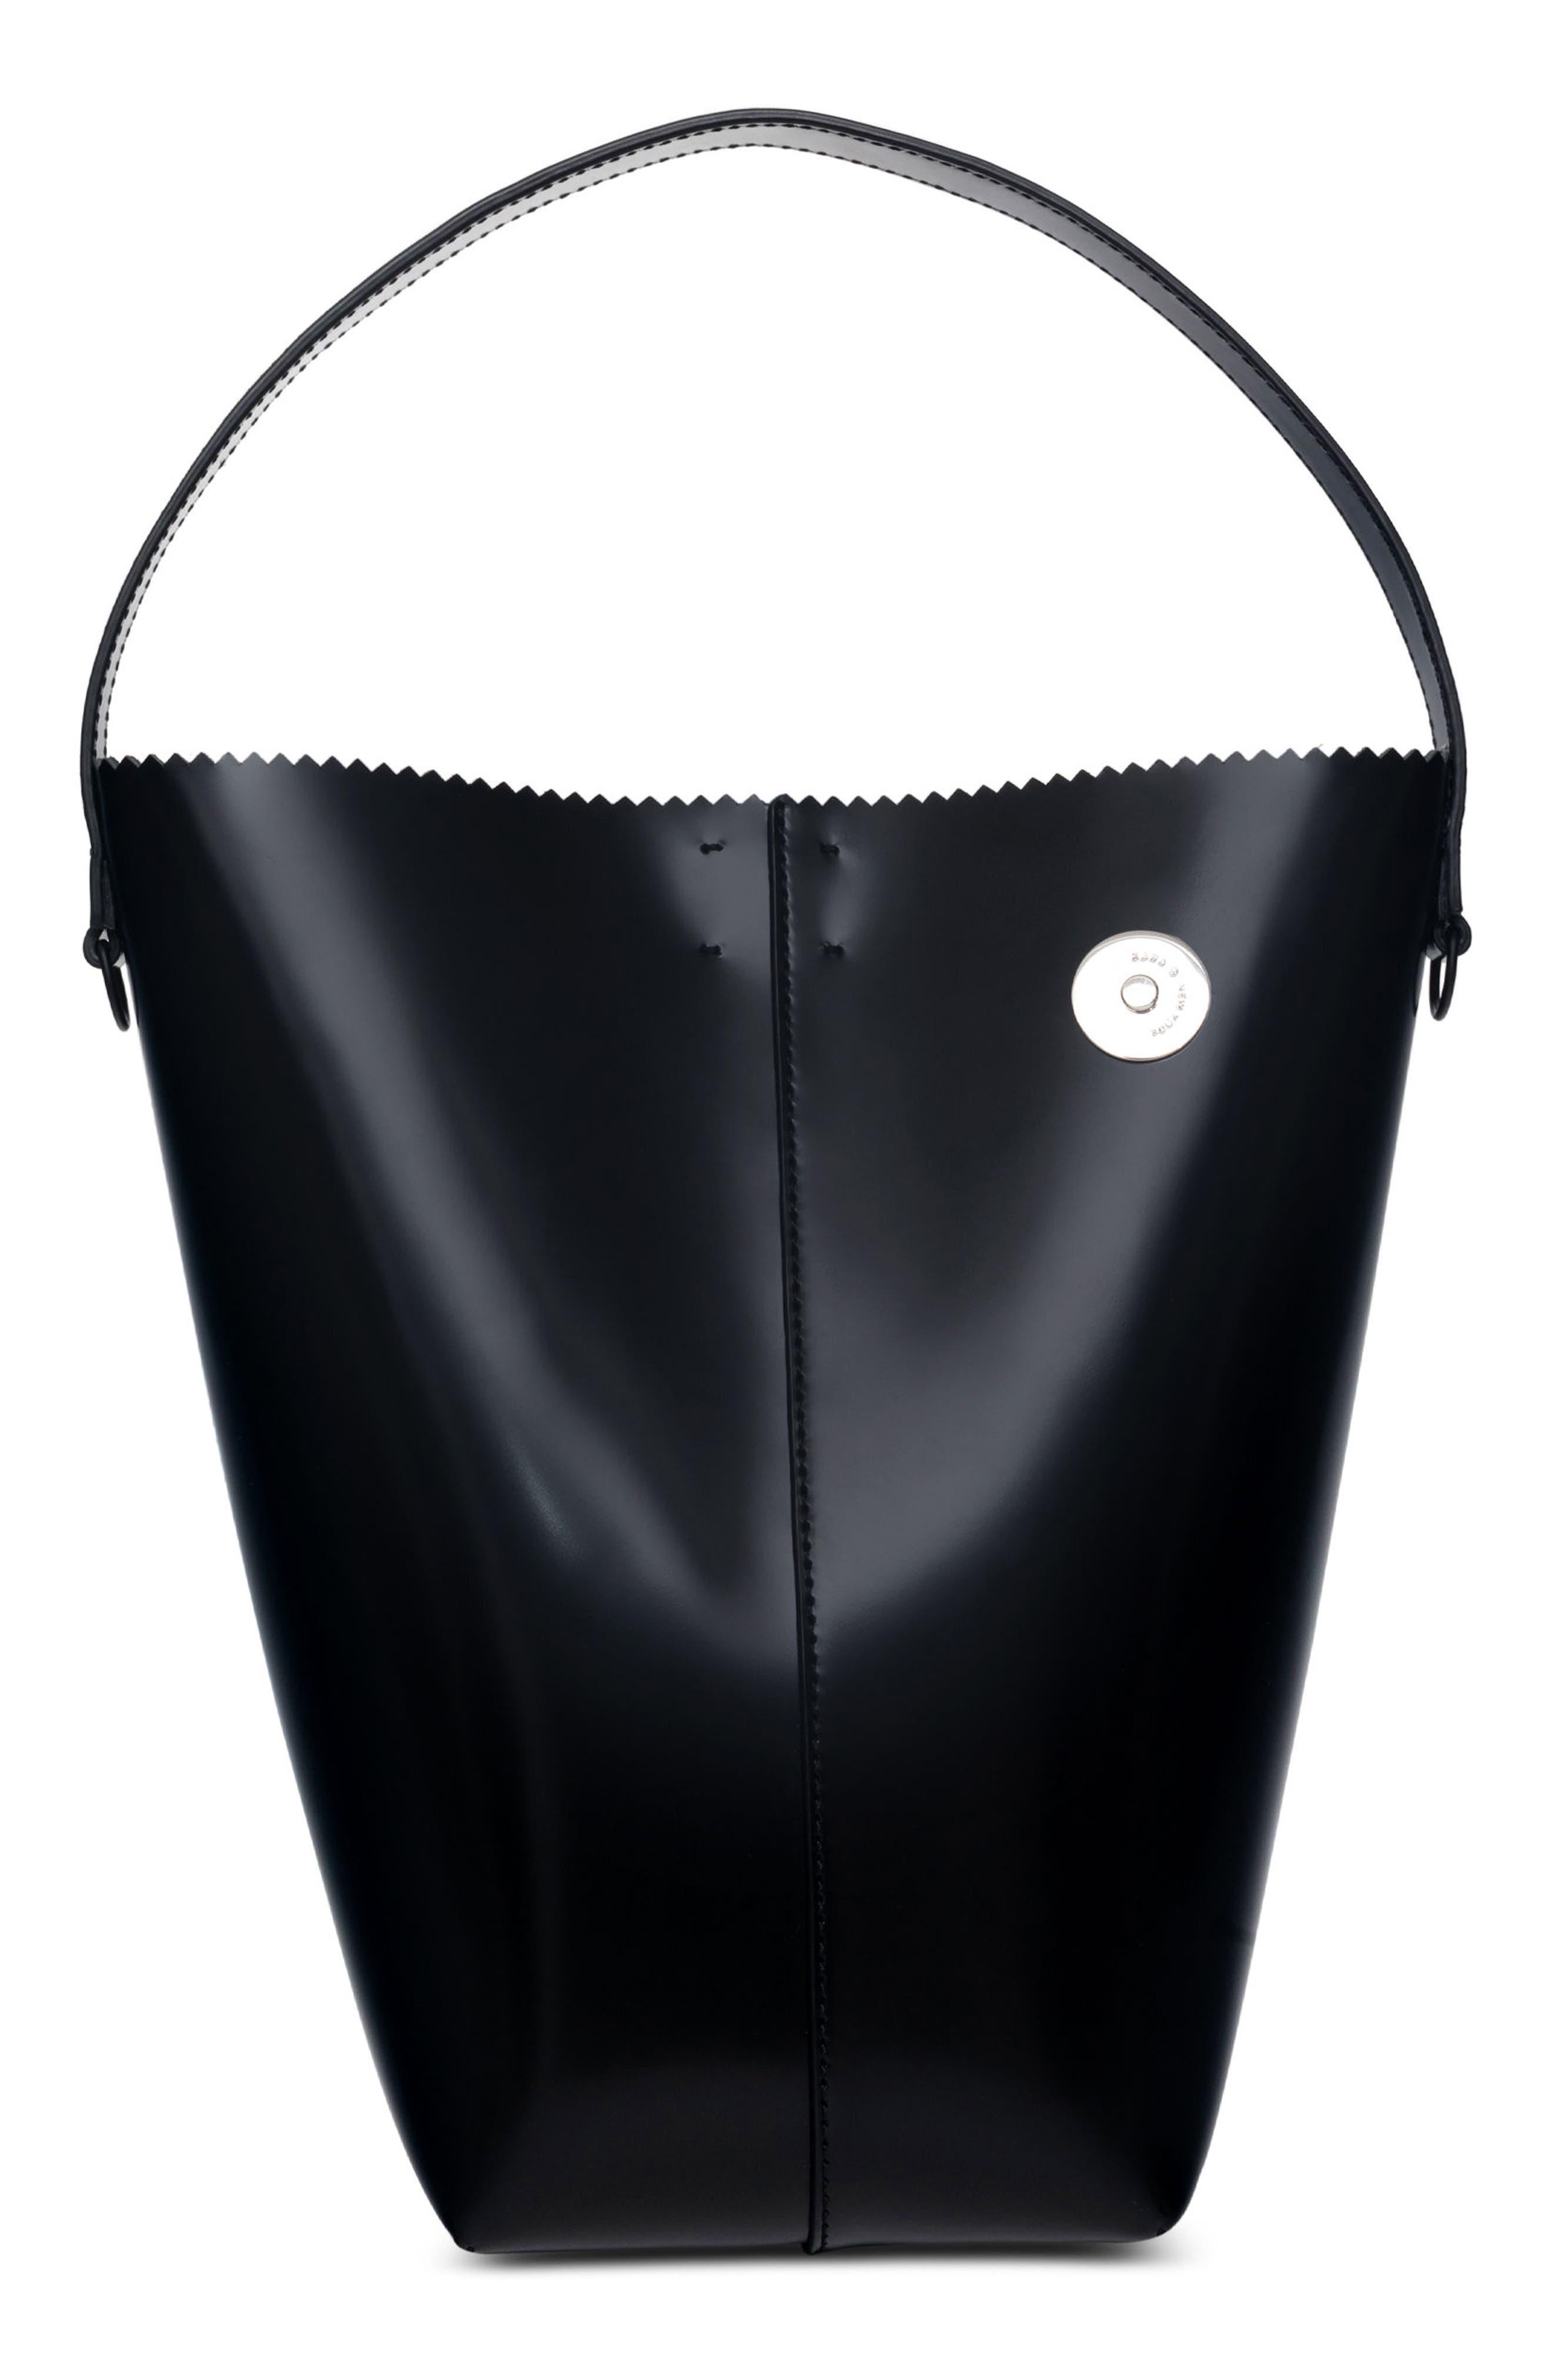 KARA Pinch Pail Bucket Bag